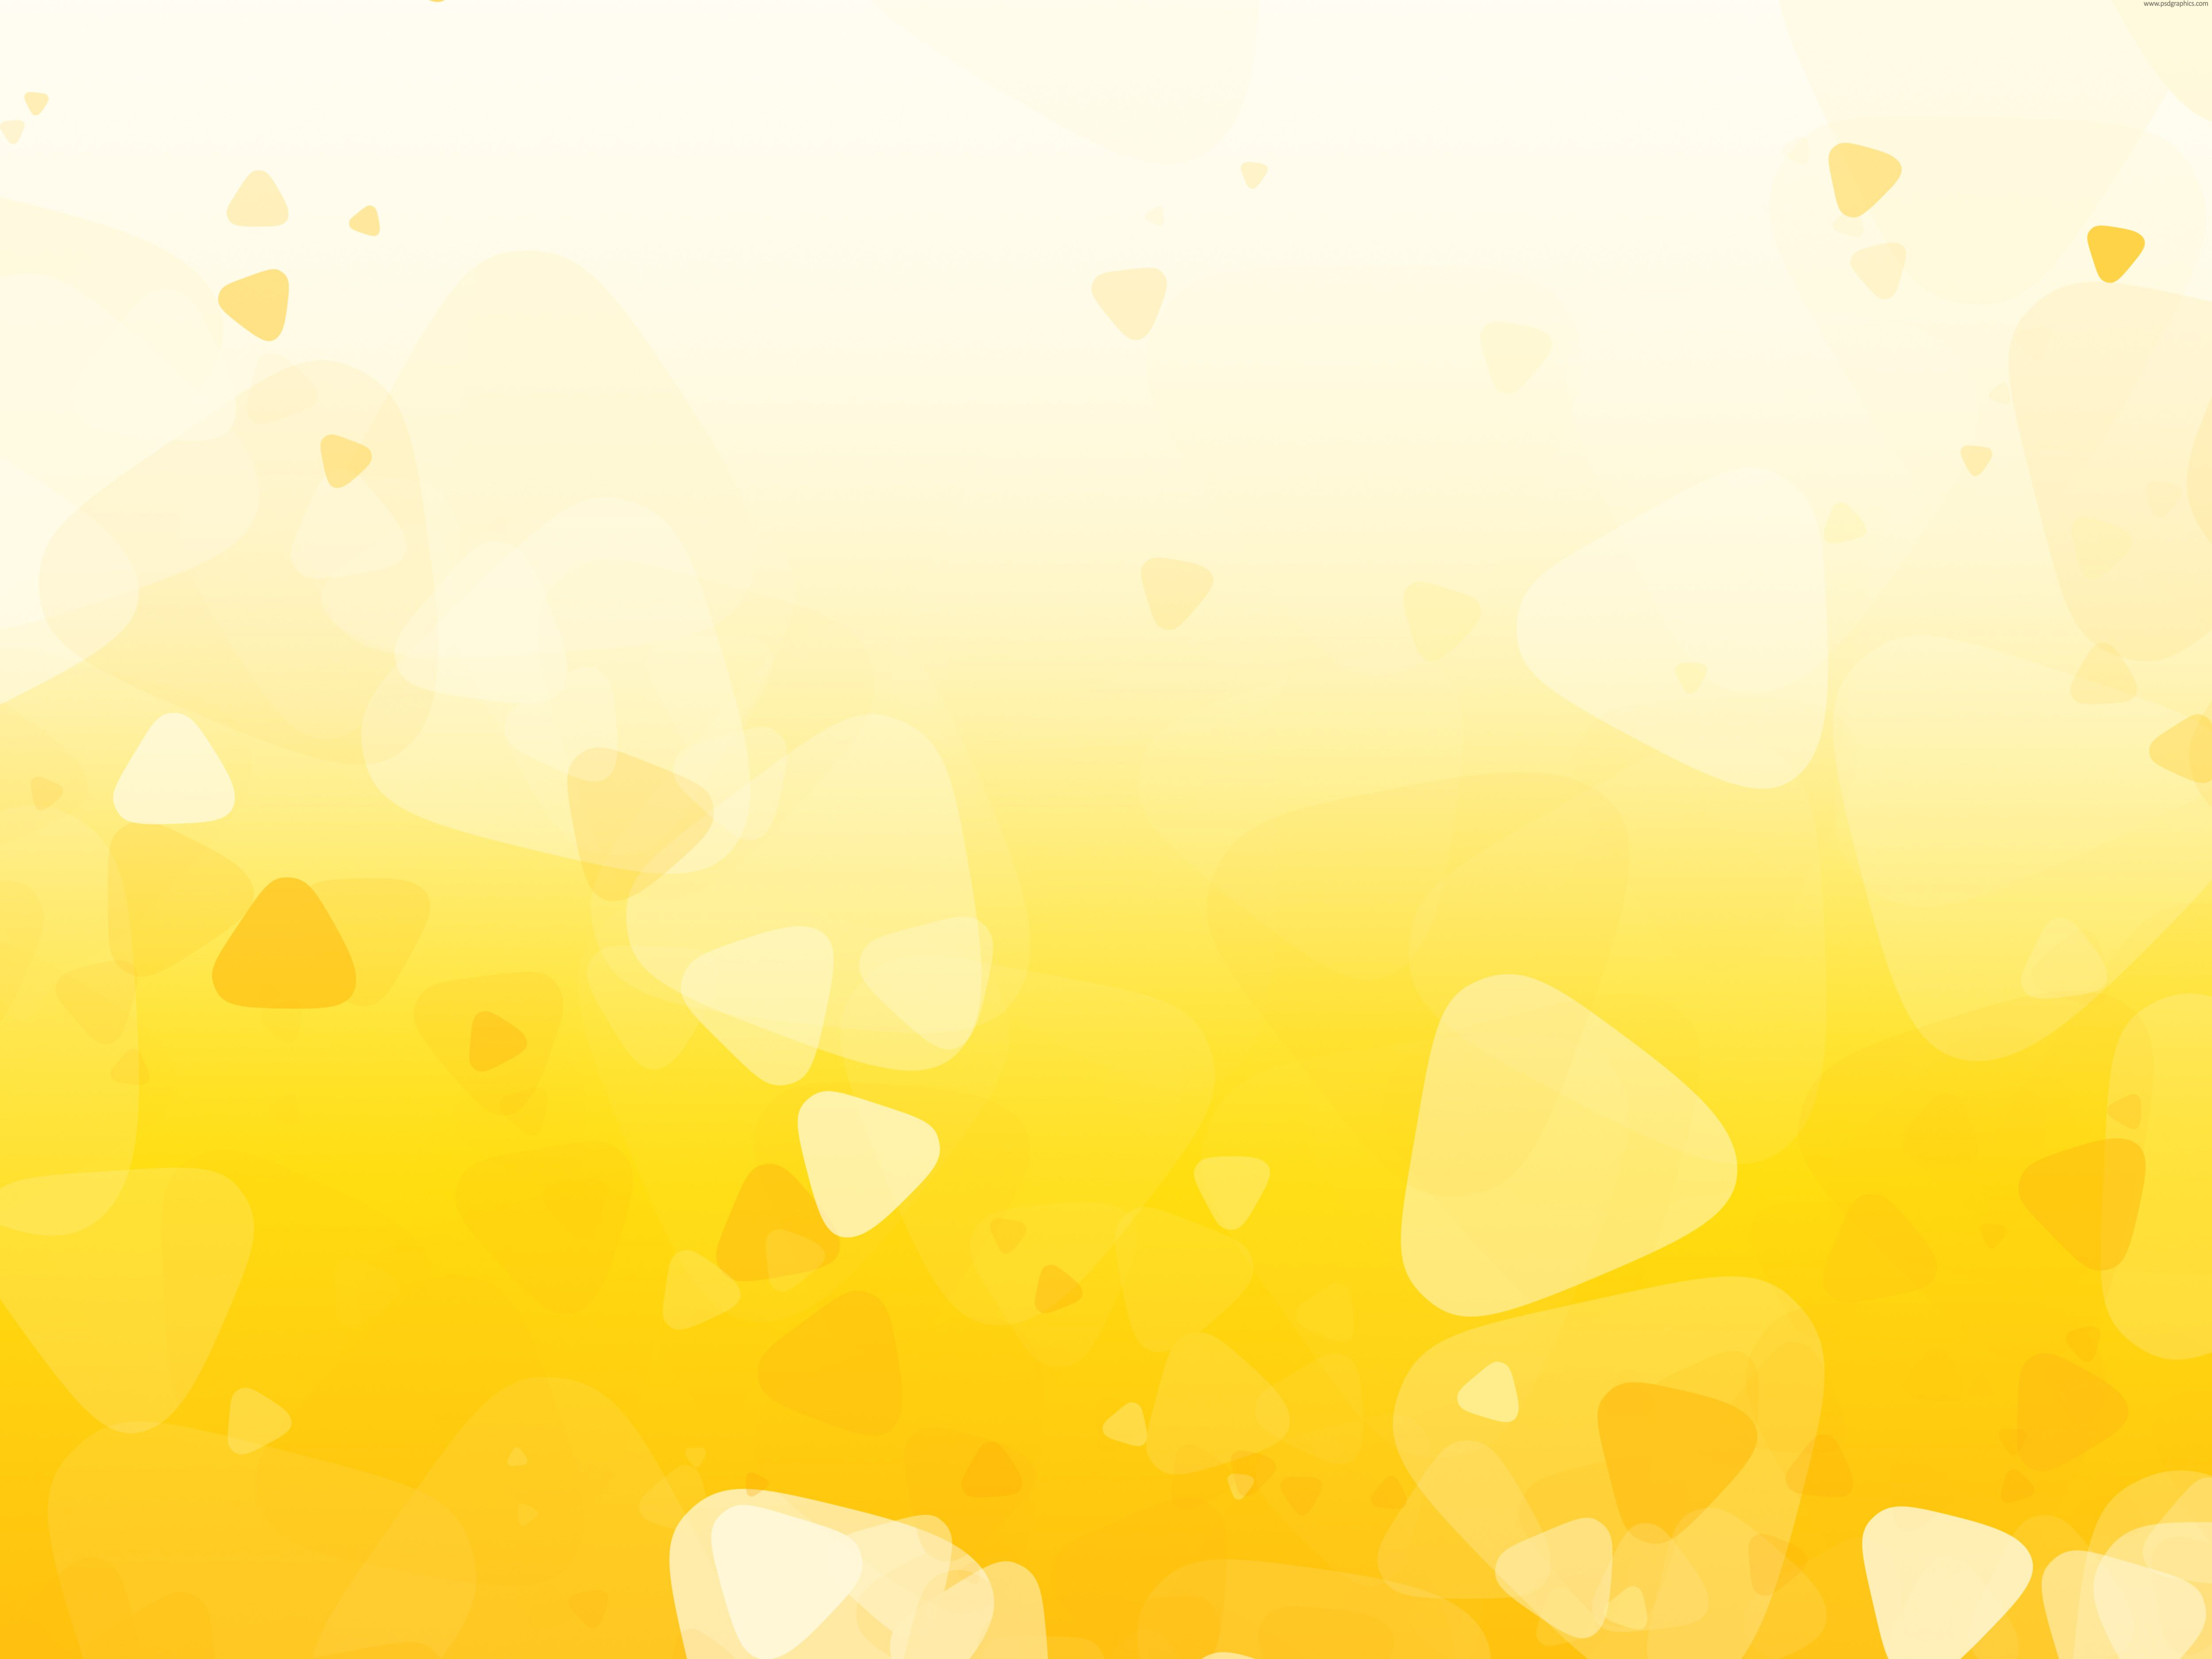 Love Wallpaper Yellow : 1447170019_Yellow-Backgrounds.jpg cfal Pinterest ...